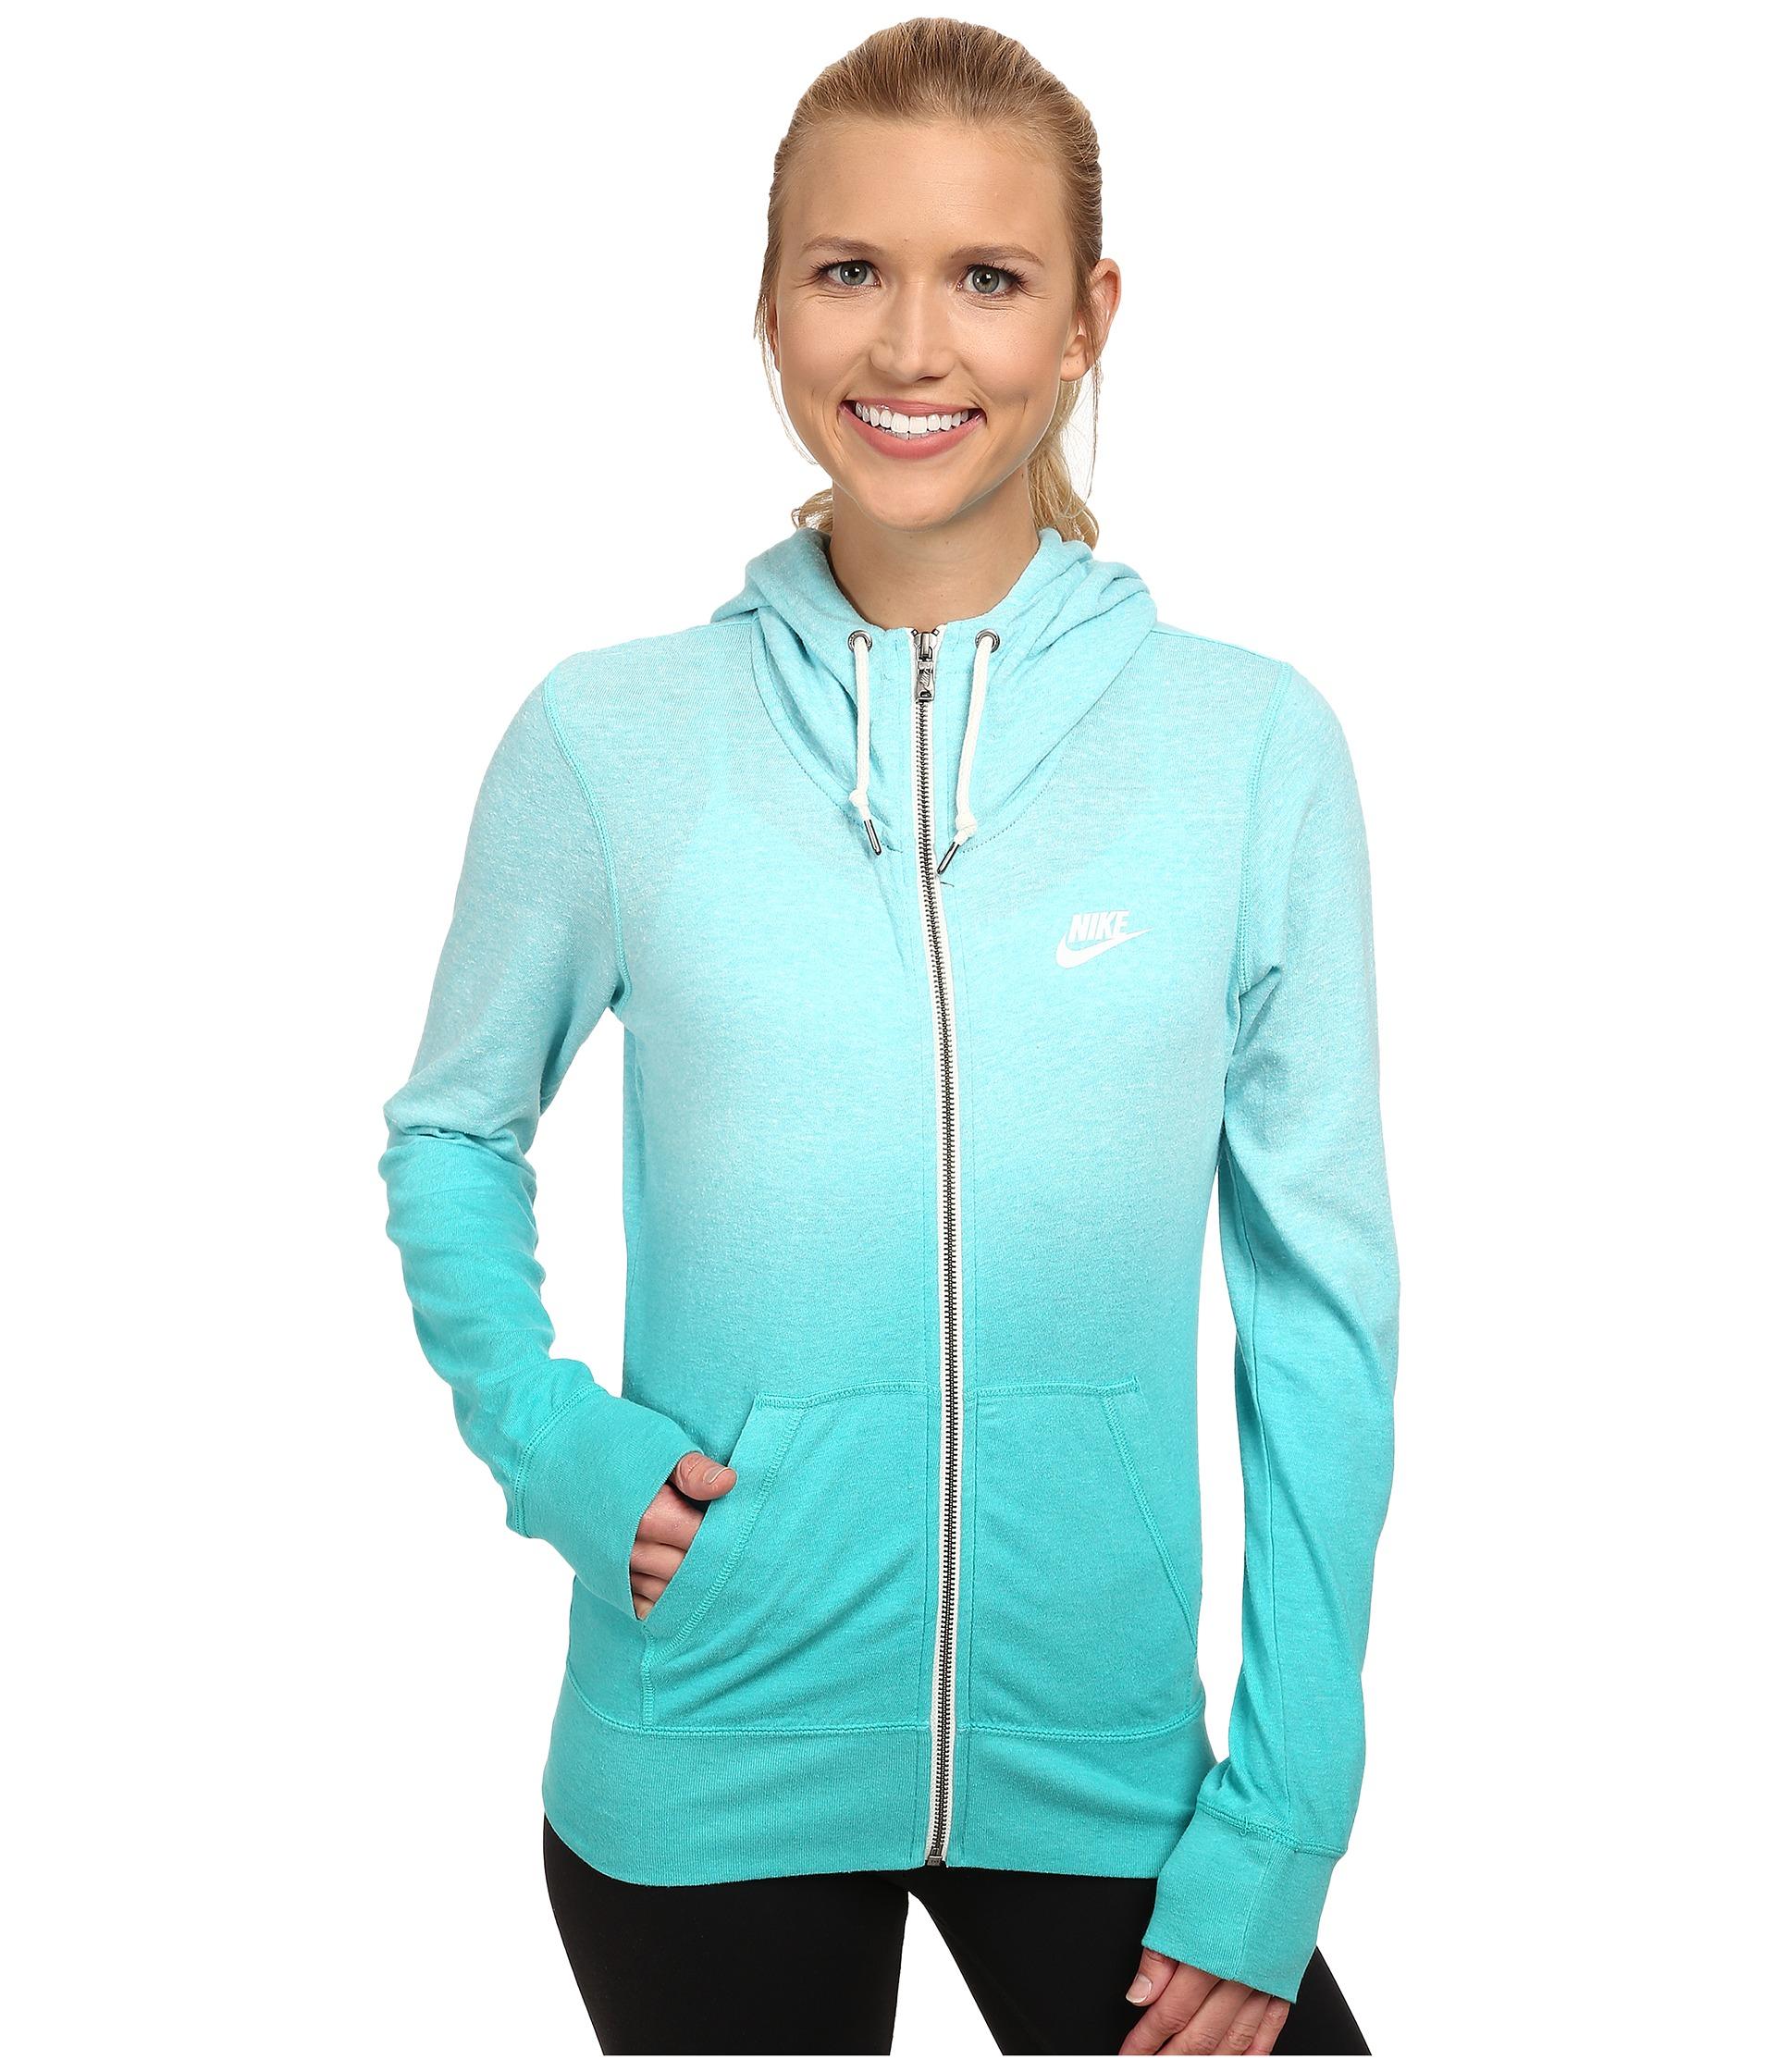 8a4ff077e0b6 Lyst - Nike Gym Vintage Full-zip Hoodie - Dip Dye in Blue